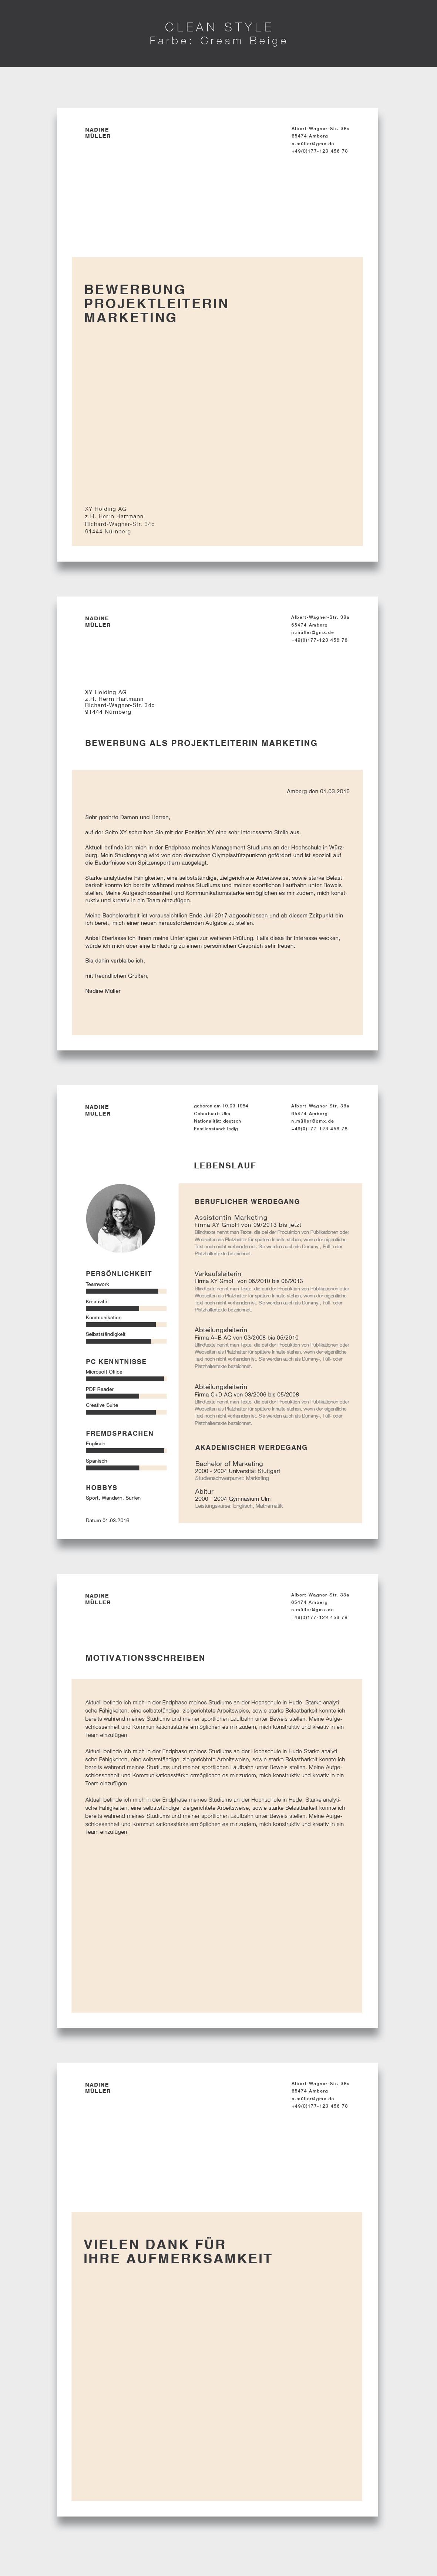 Unsere Bewerbungsvorlage Cvtemplate Clean Style In Der Farbe